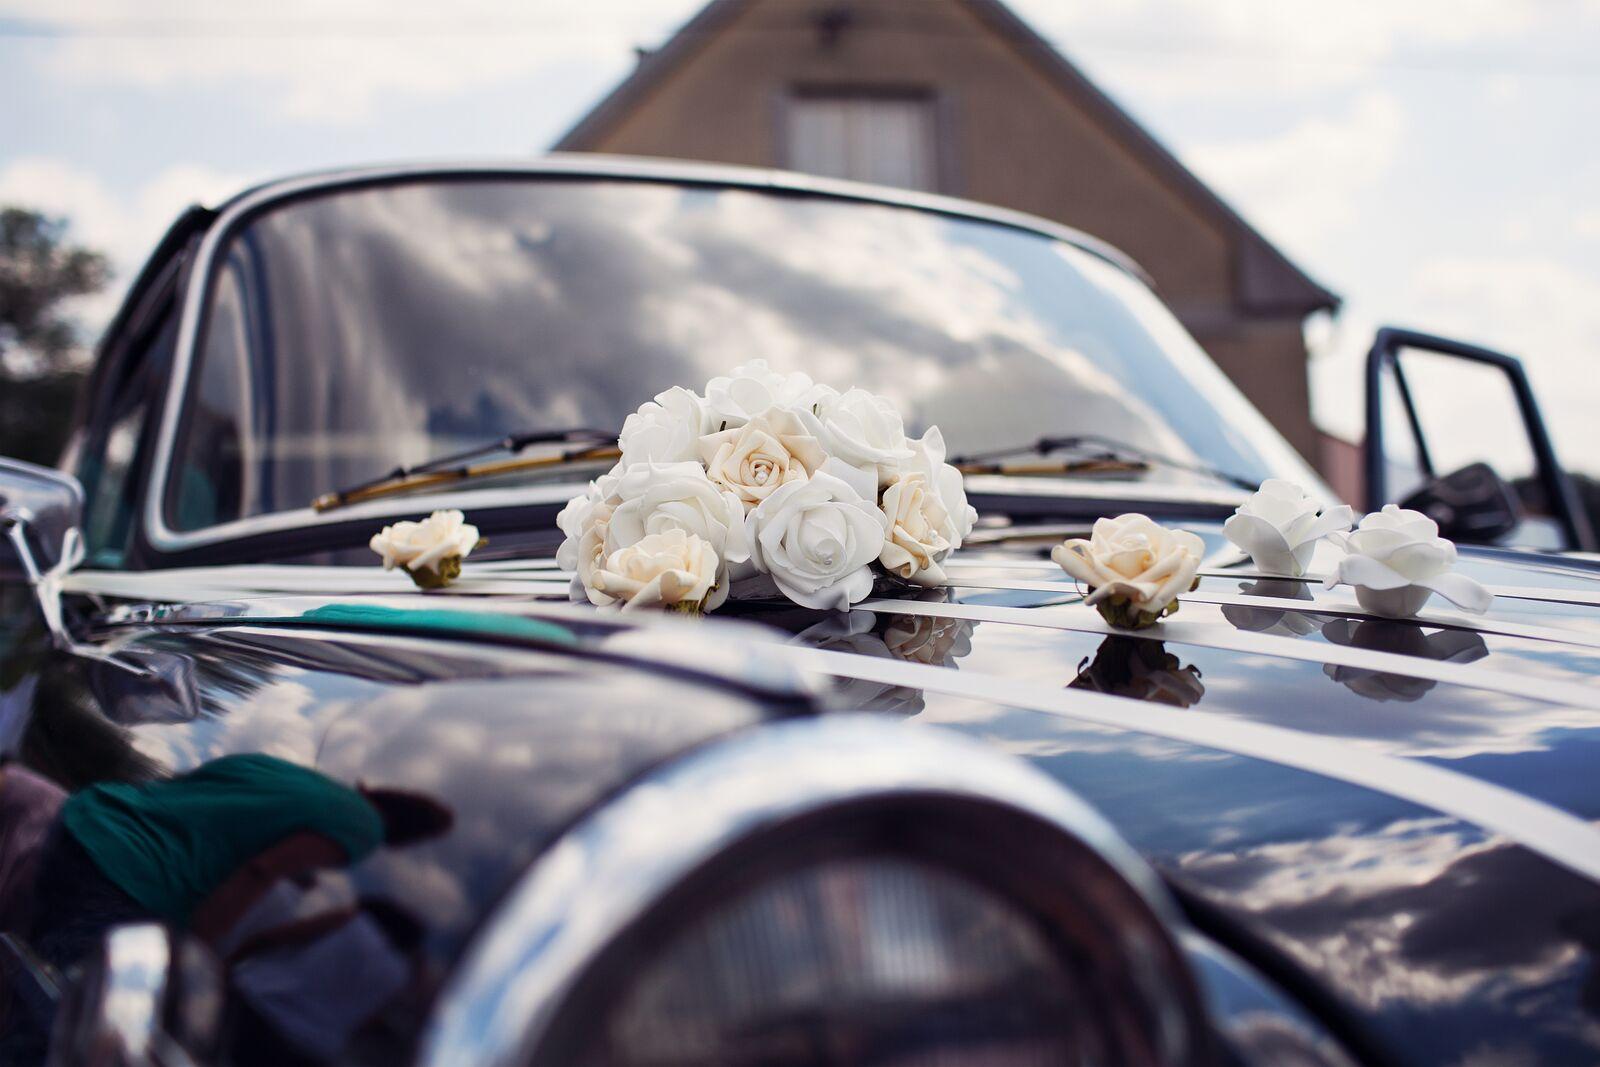 Svatební dekorace na auta - Obrázek č. 8